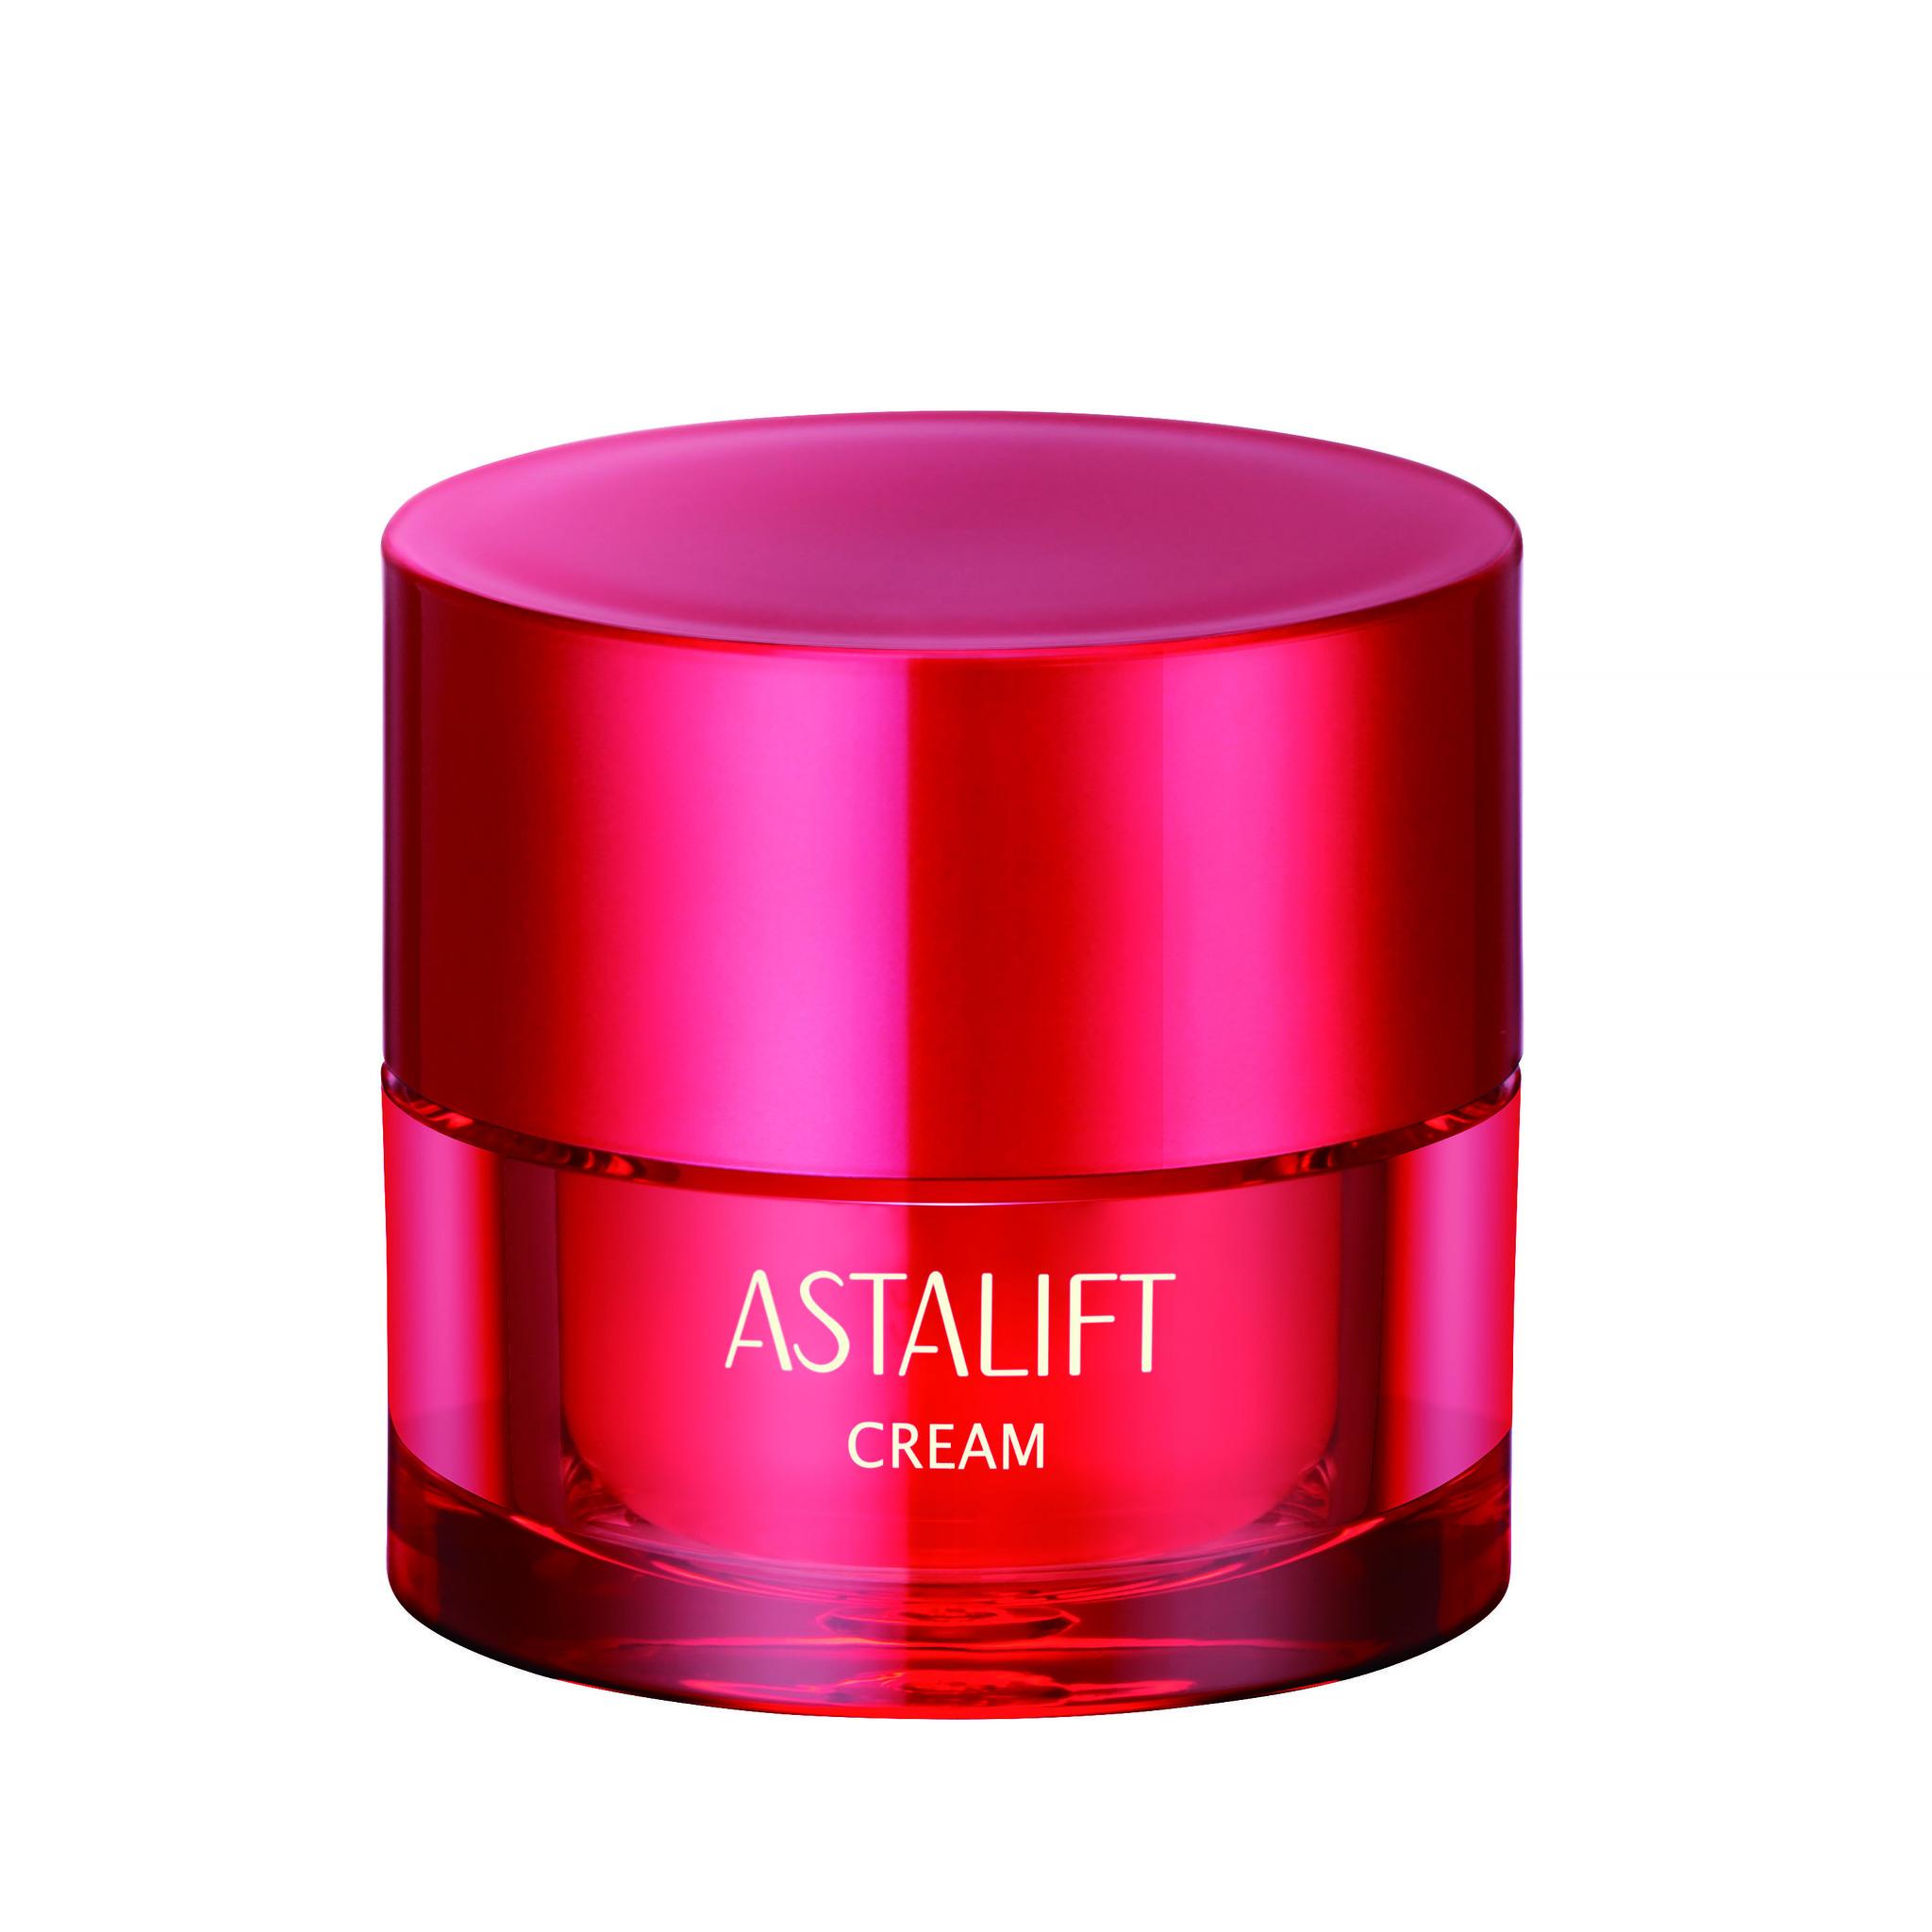 ASTALIFT Cream Крем для лица, 30 гр